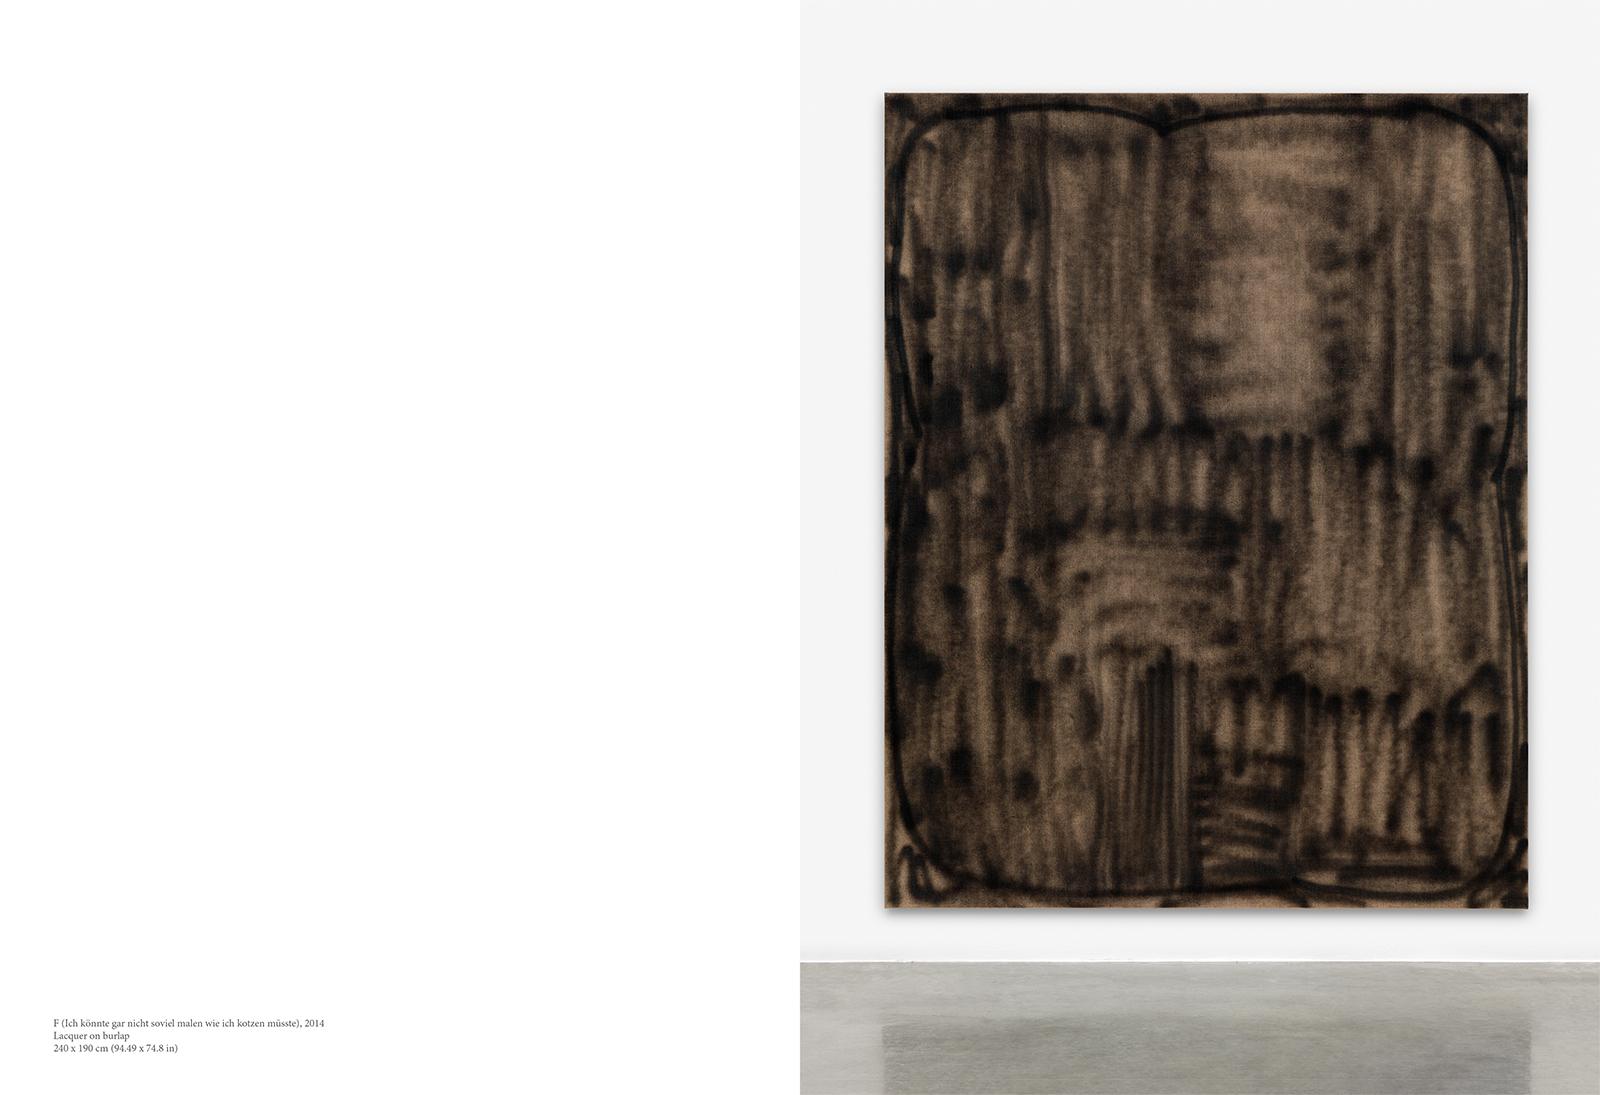 David Ostrowski, F (Ich könnte gar nicht soviel malen wie ich kotzen müsste), 2014, Lacquer on burlap, 240 x 190 cm (94.49 x 74.8 in)